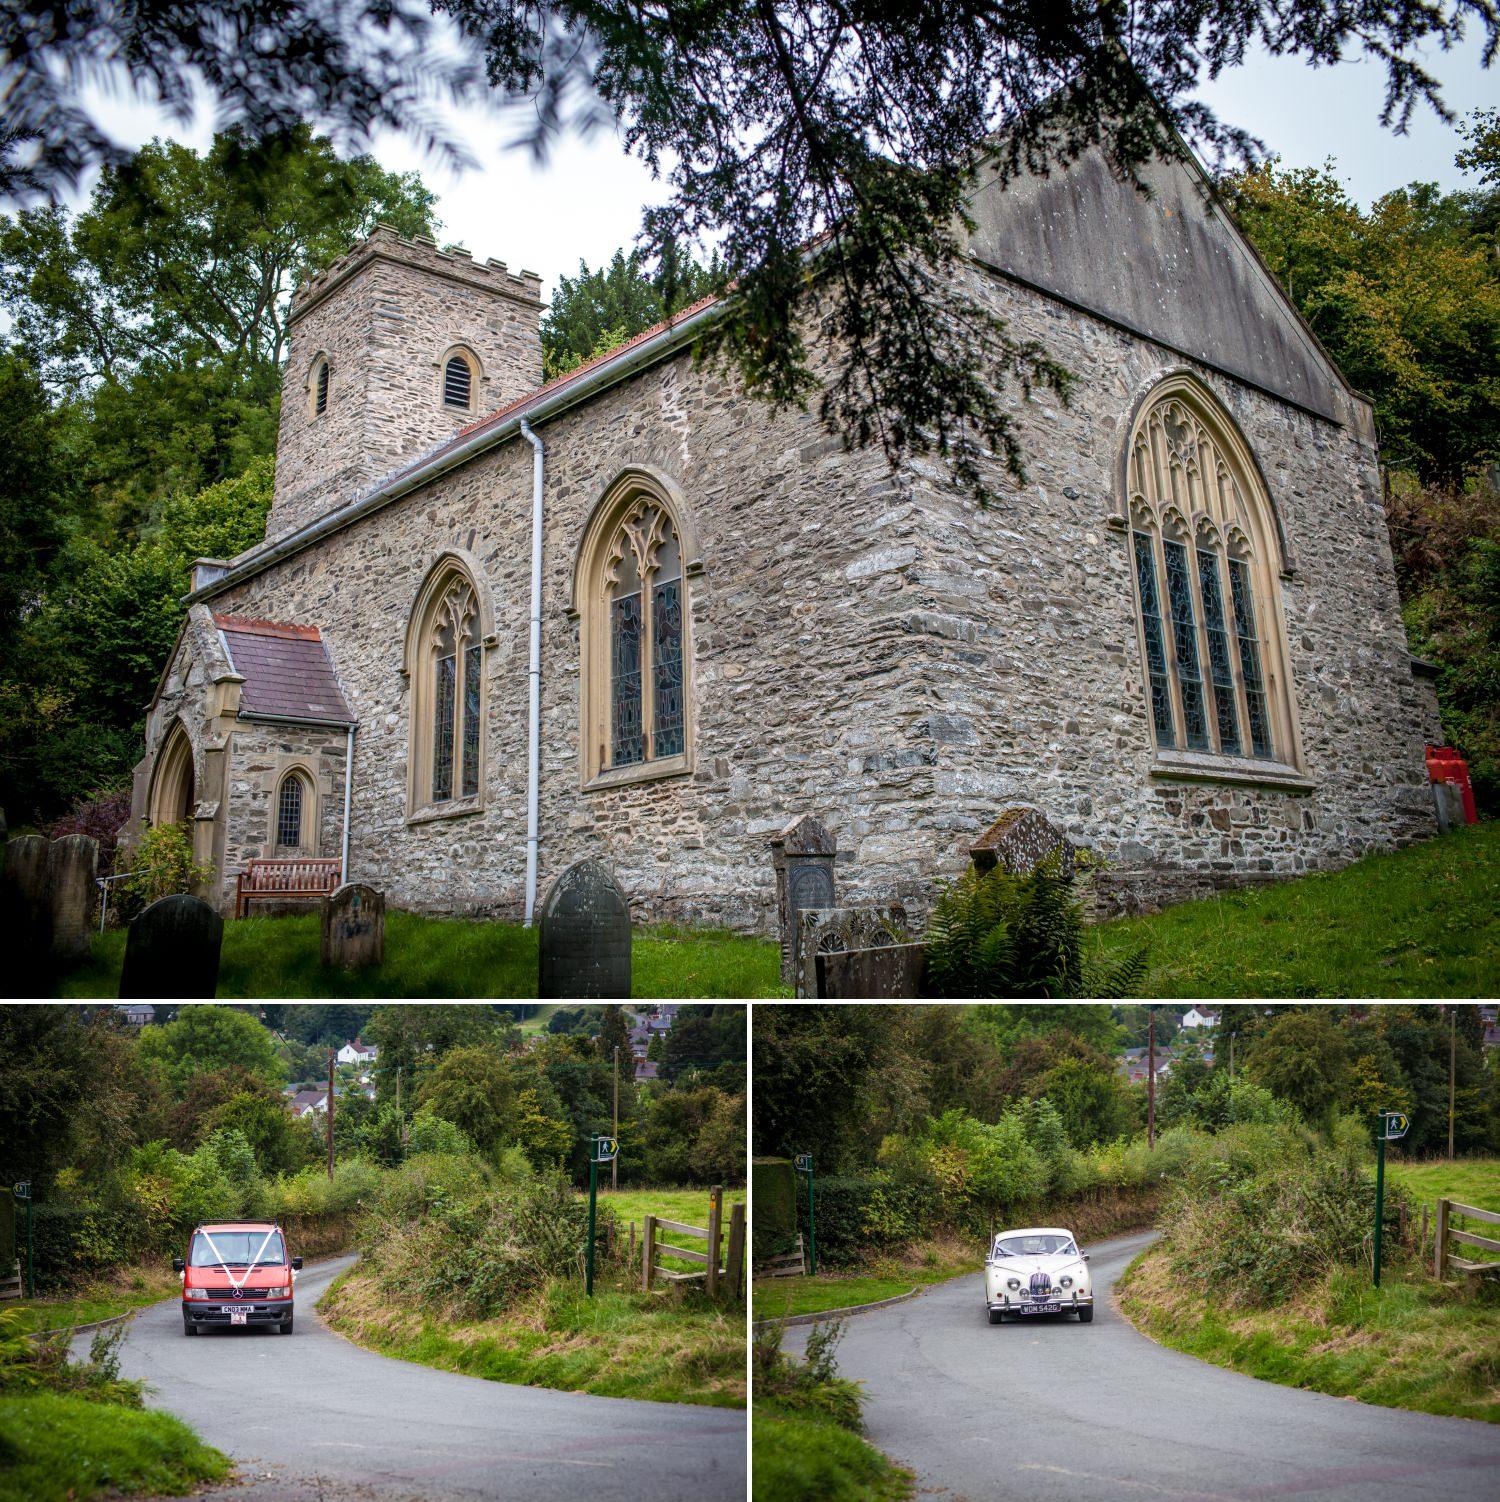 Glyn Ceiriog Church, Nant Y Garth, Church Hill, Glyn Ceiriog, Llangollen photograph